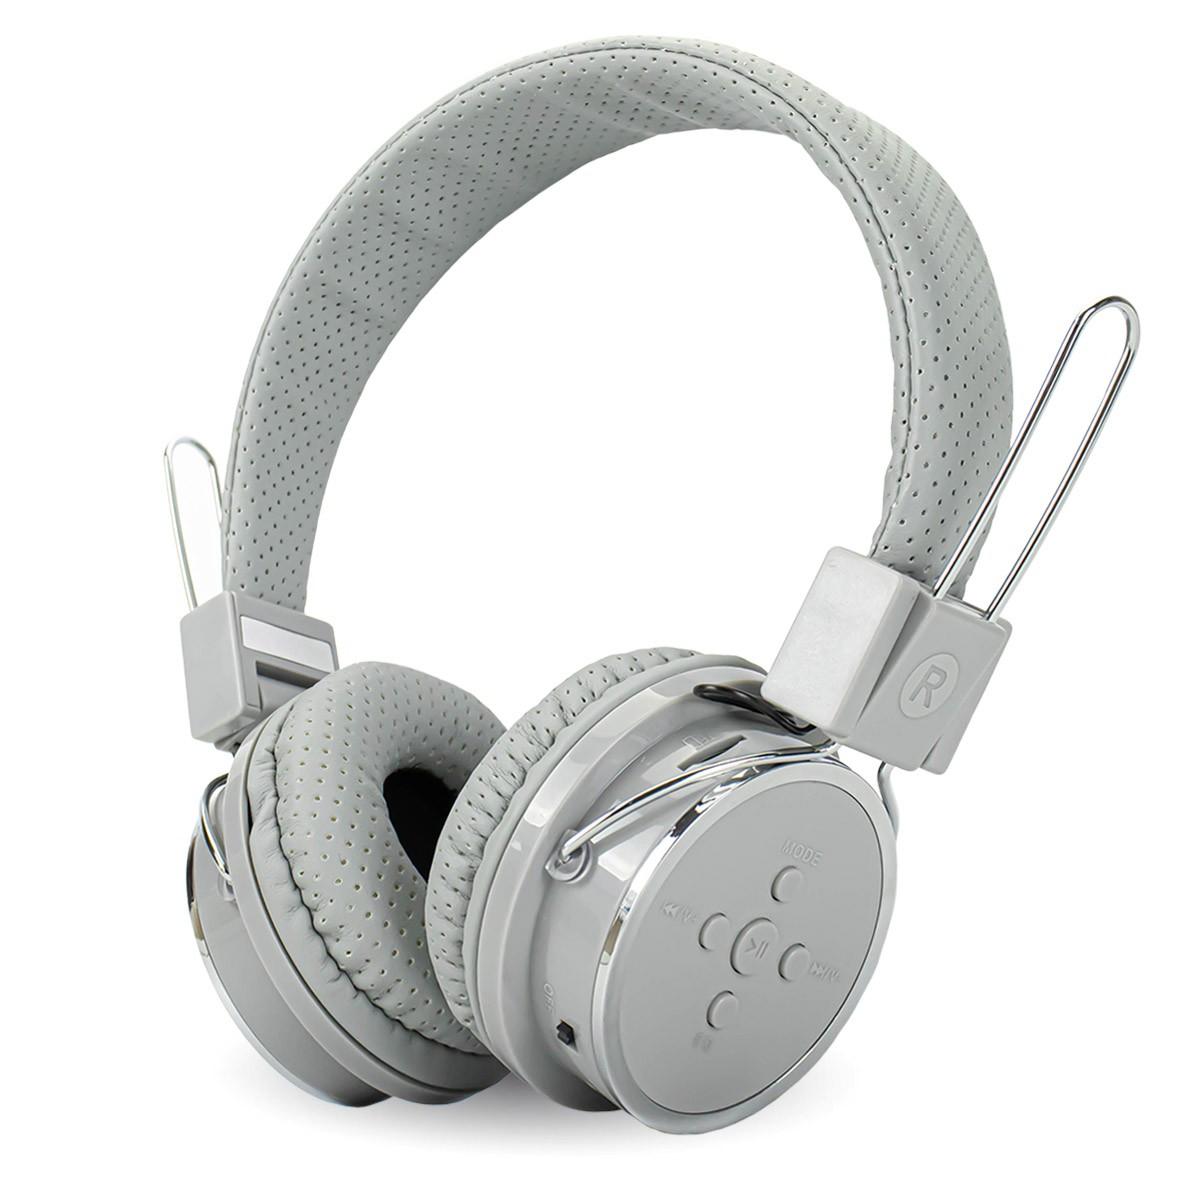 Fone de Ouvido Sem Fio Headphone Bluetooth com Rádio FM e P2 Knup KP-367